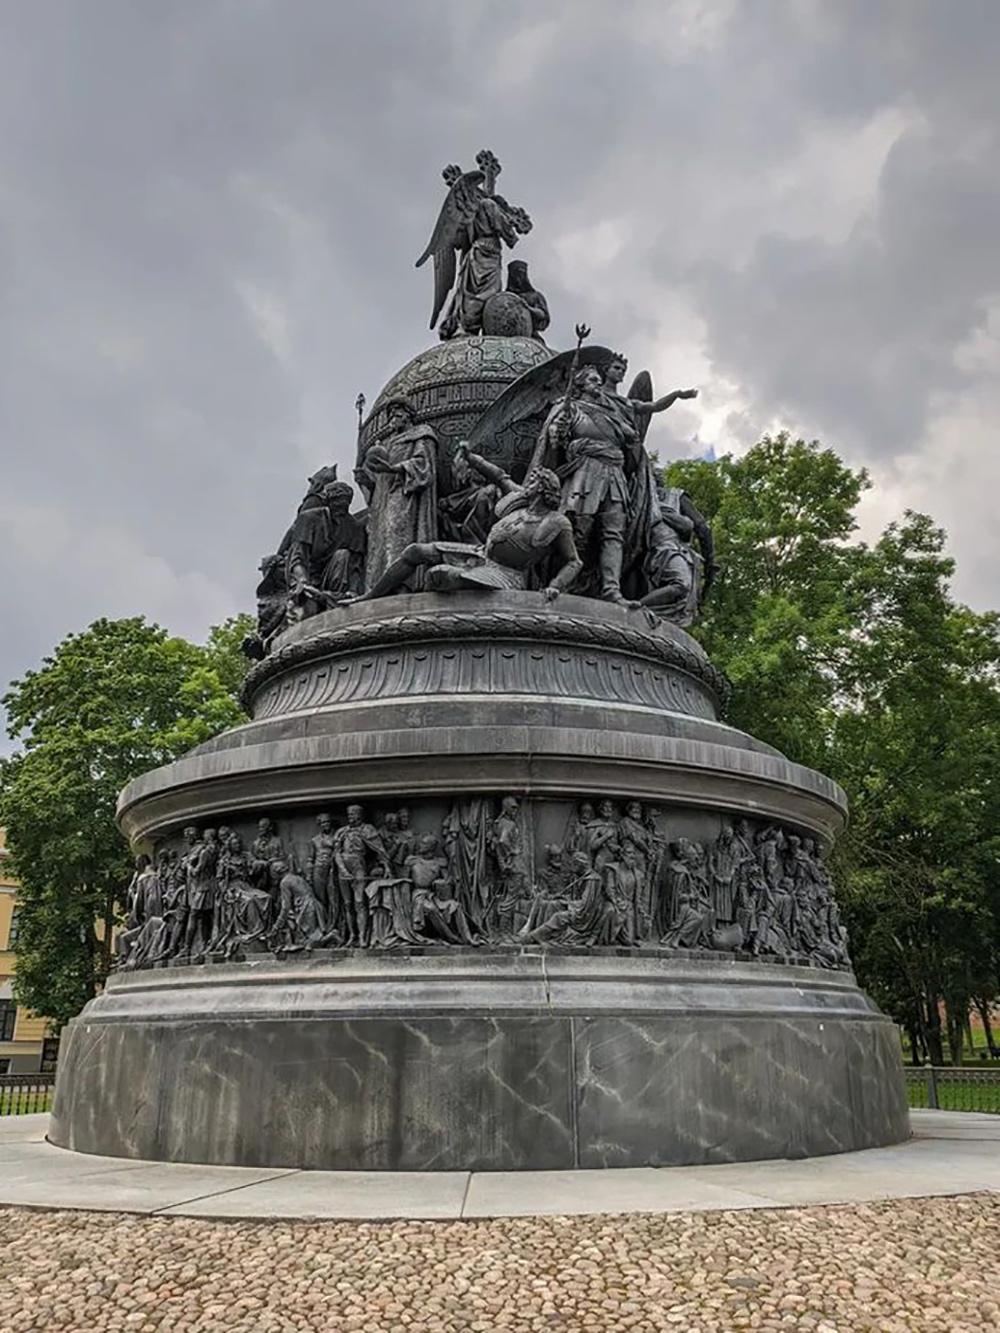 Памятник «Тысячелетие России» понравился еще во время учебы в школе, в реальности он впечатлил гораздо больше